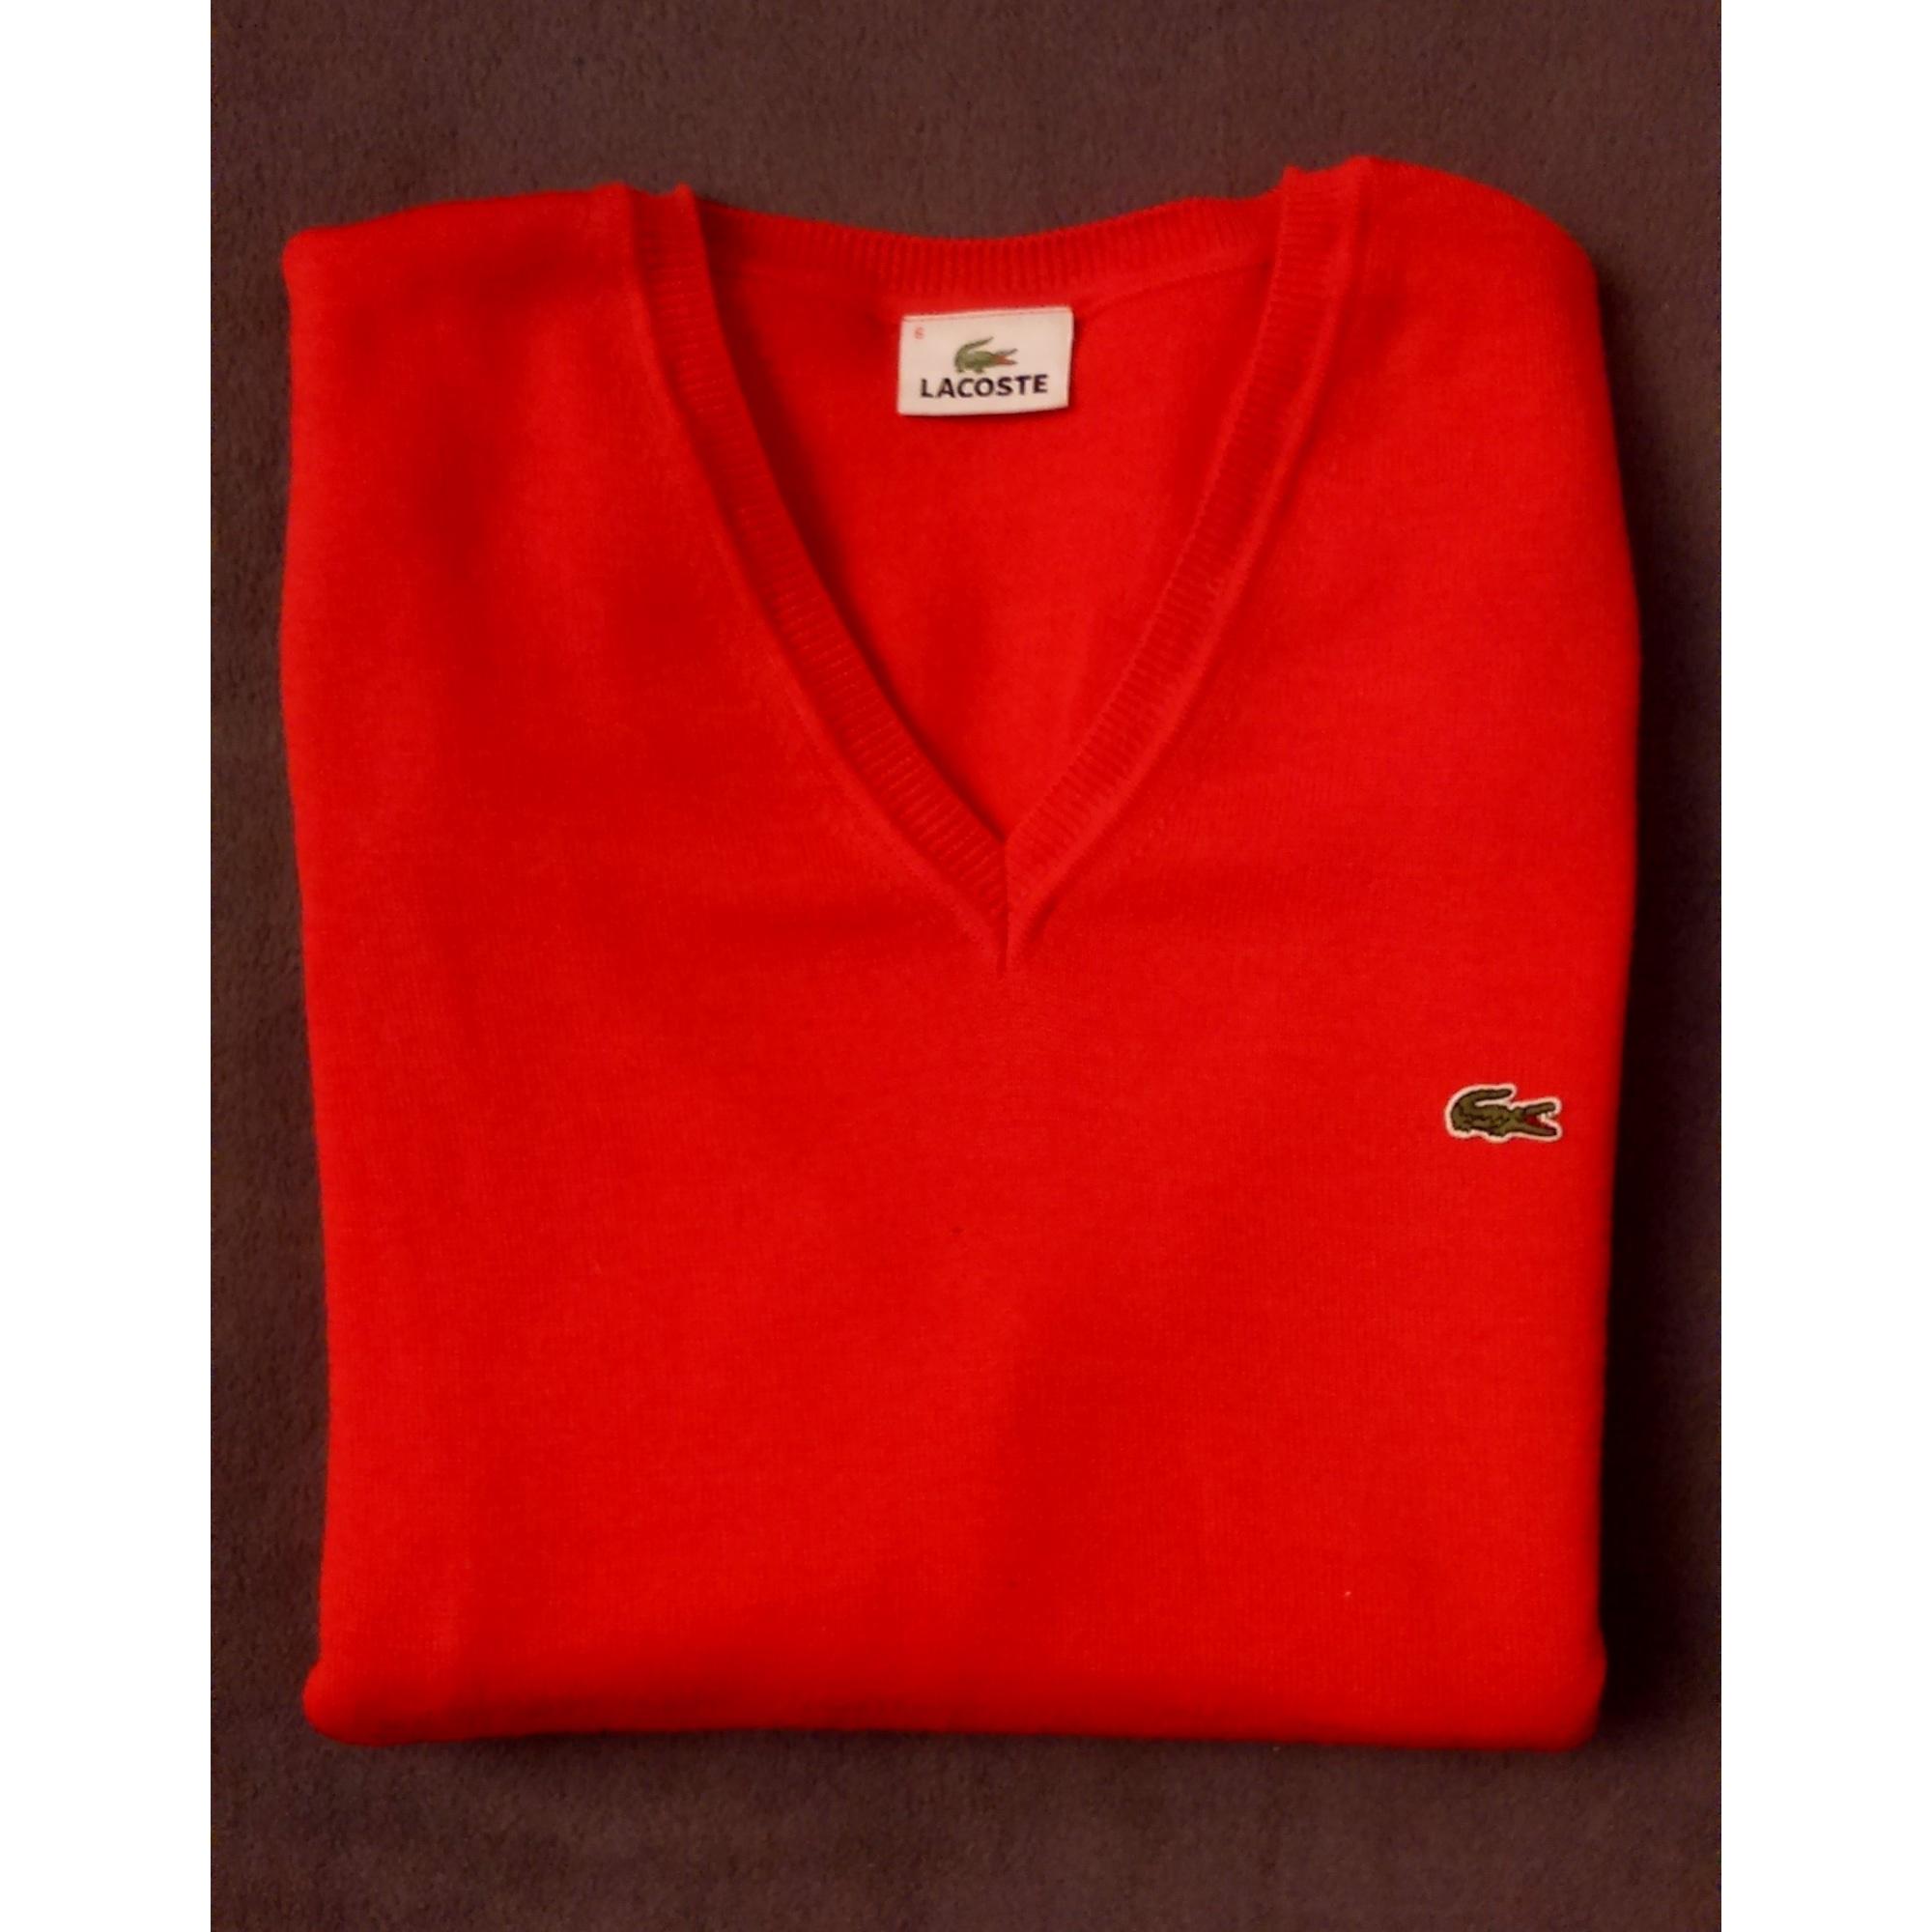 e4b6a59e86 Pull LACOSTE 4 (XL) rouge vendu par Facqt - 6927153